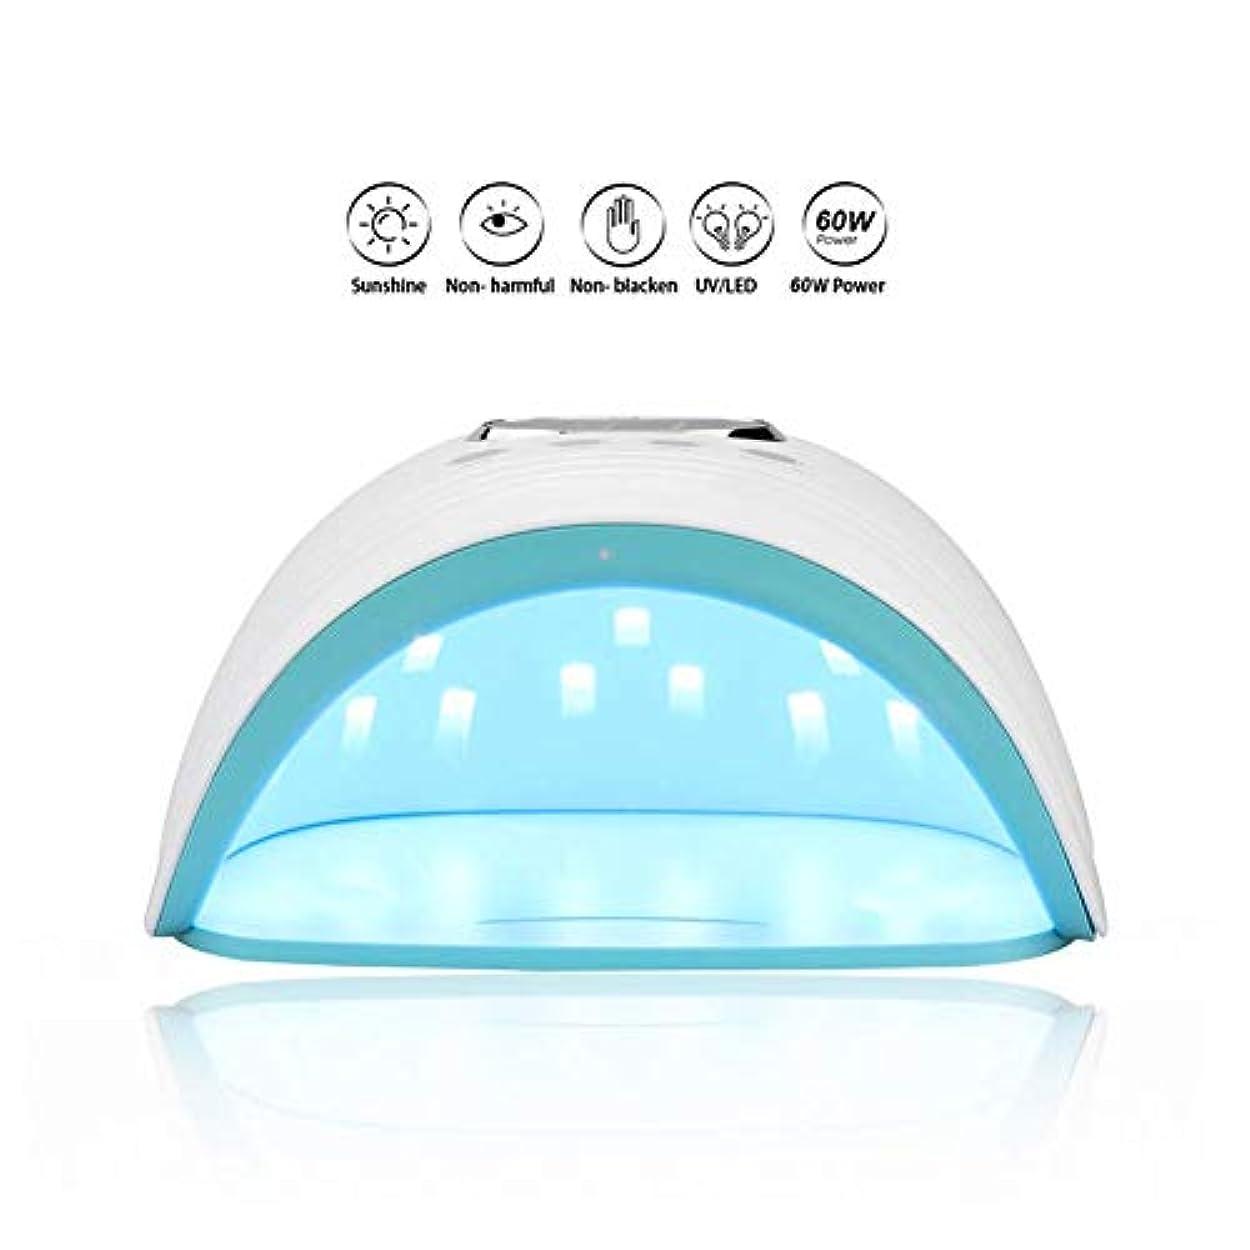 コック奨励早める60ワットuv ledネイルランプ30レッズスマートネイルドライヤー光線療法マニキュアツール硬化ネイルジェルポリッシュネイルツールレッドブルーライト